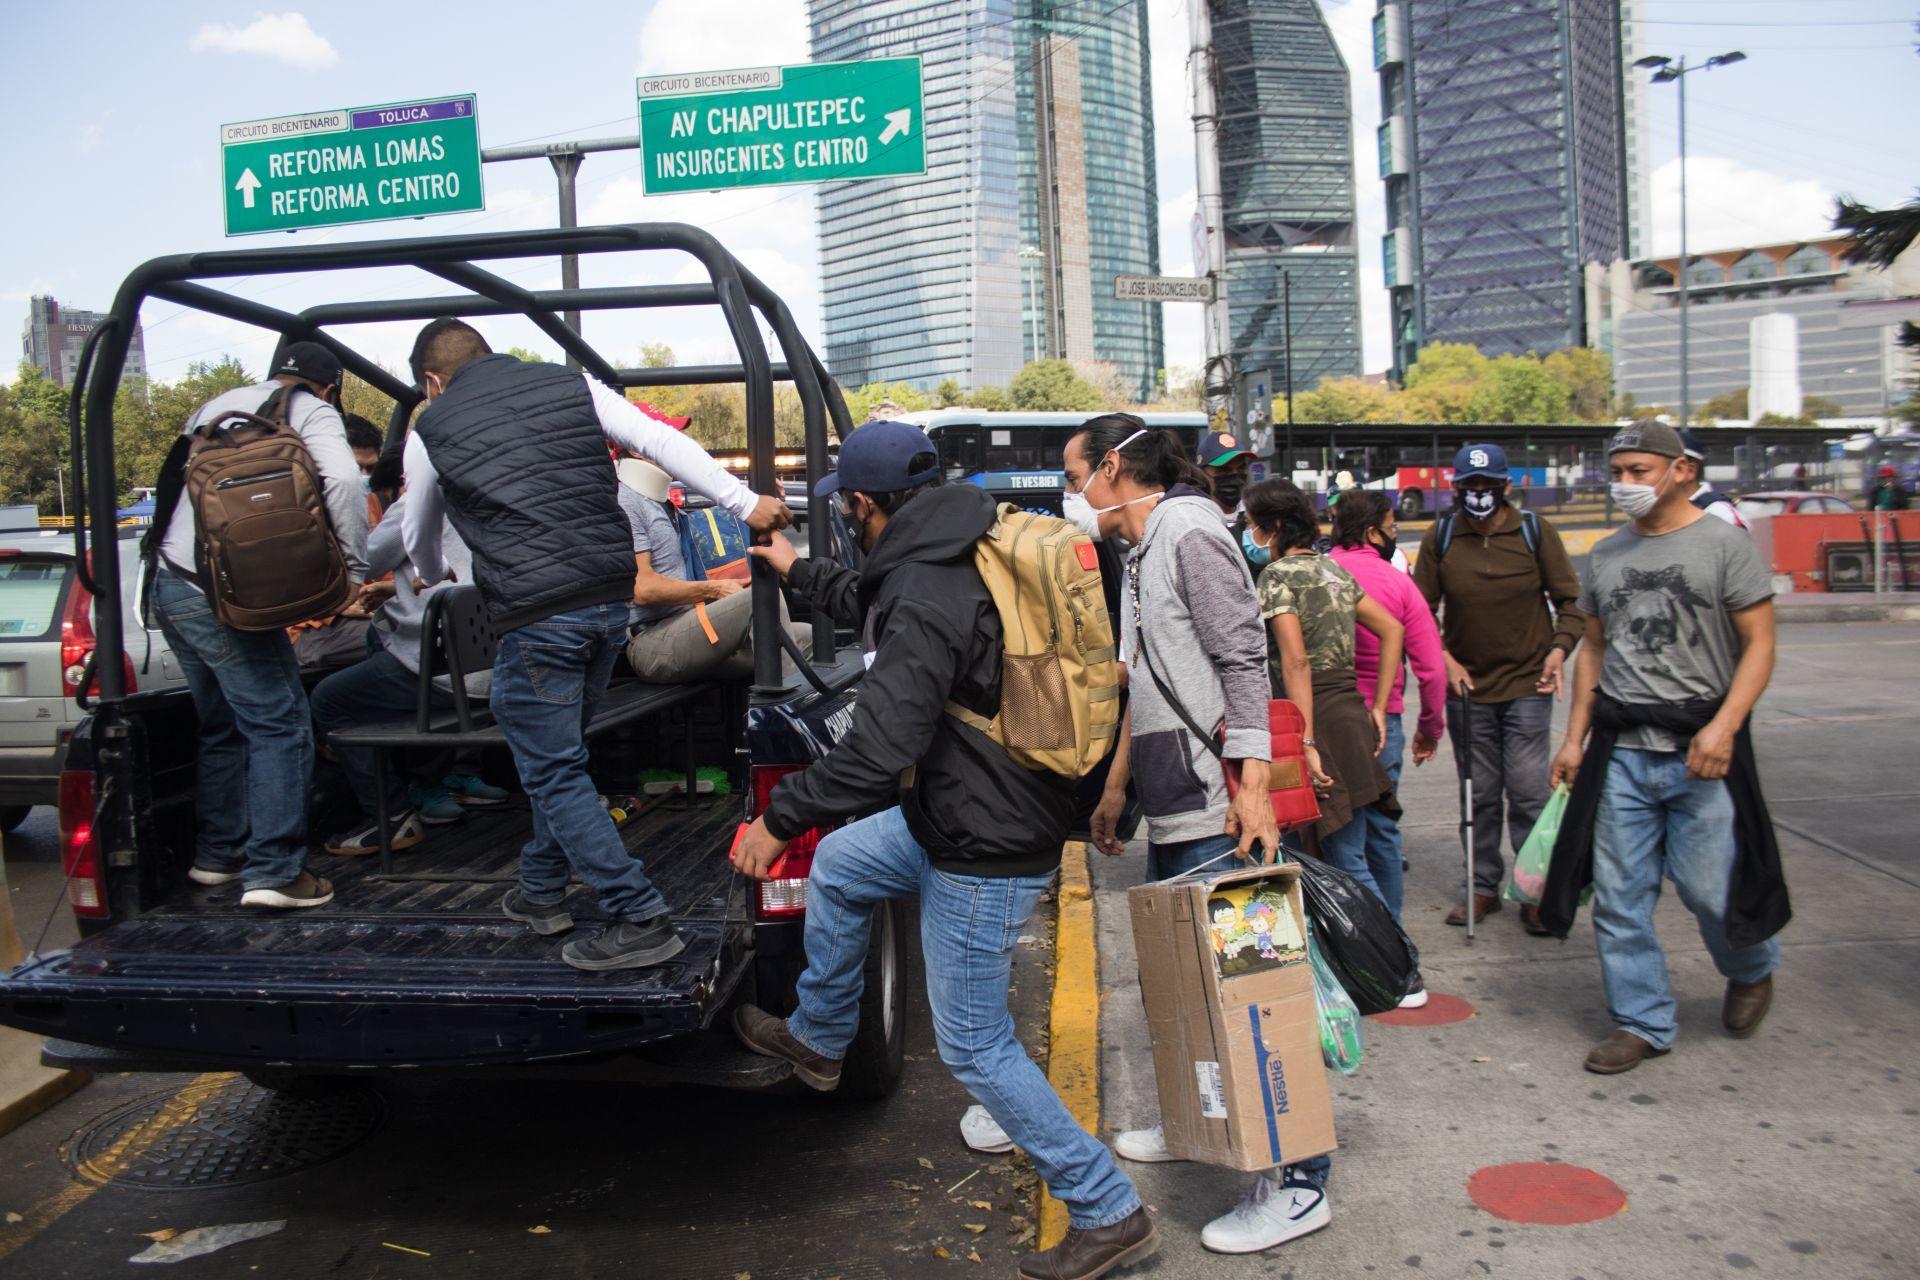 10 de enero de 2021. Ciudad de México. Usuarios suben a una camioneta de la Secretaría de Seguridad Ciudadana, quien esta brindando apoyo de transportación ante el cierre de seis estaciones del metro.